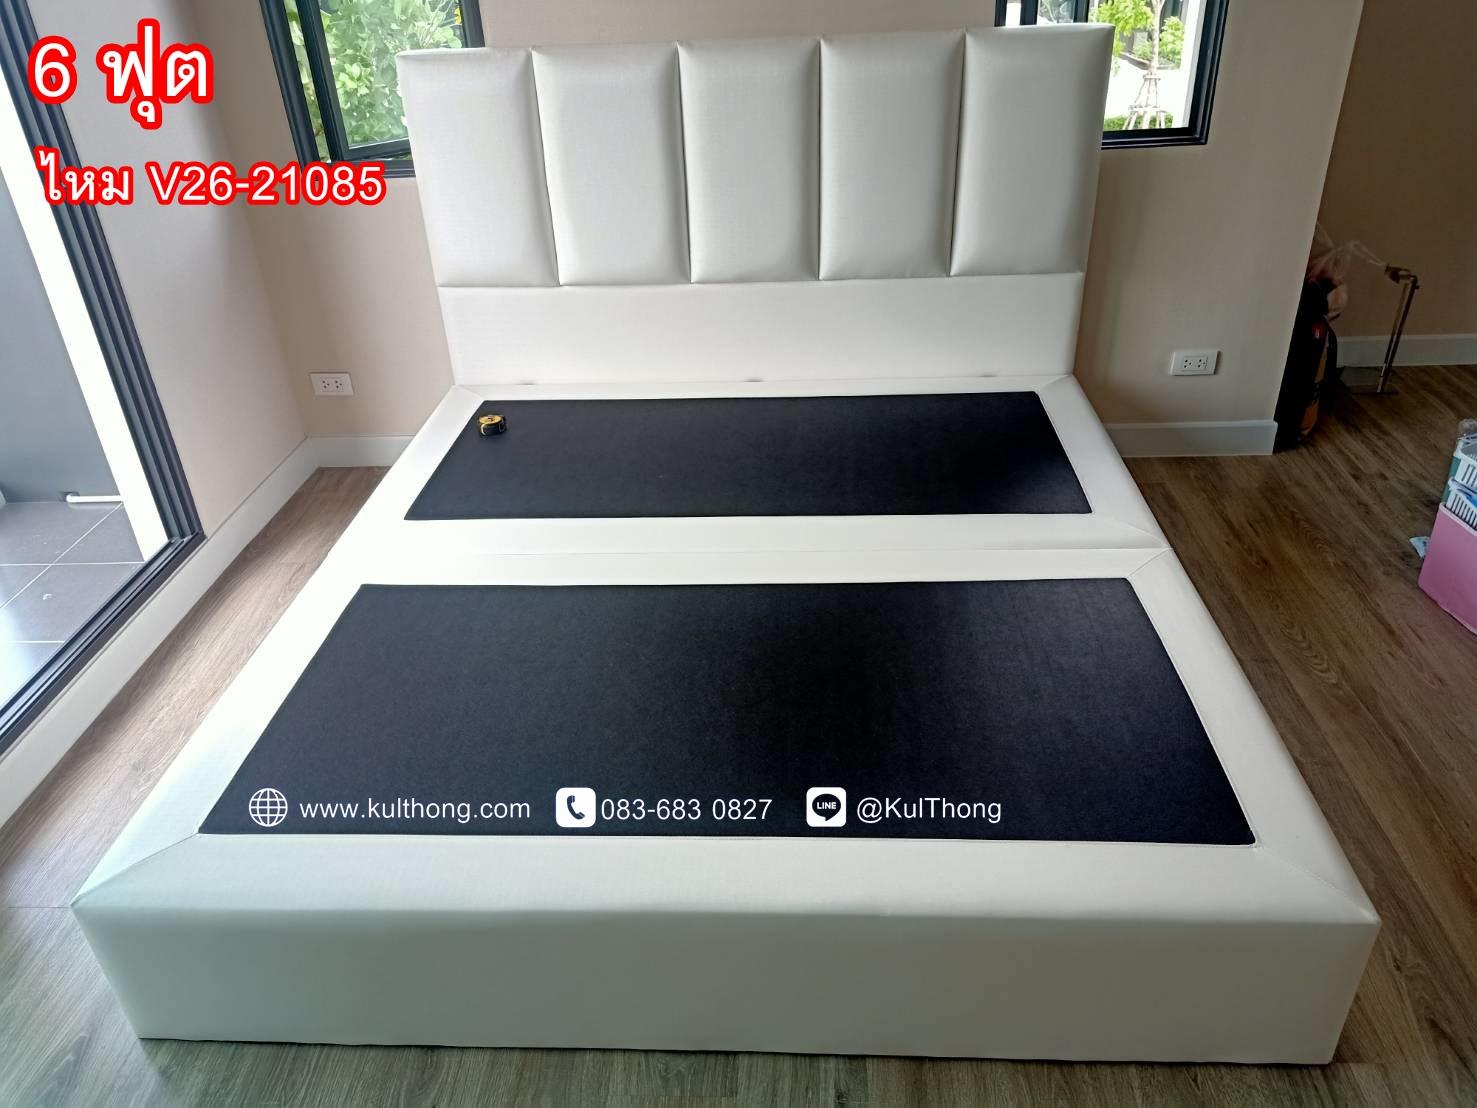 เตียงดีไซน์ เตียงสั่งผลิต ฐานเตียง